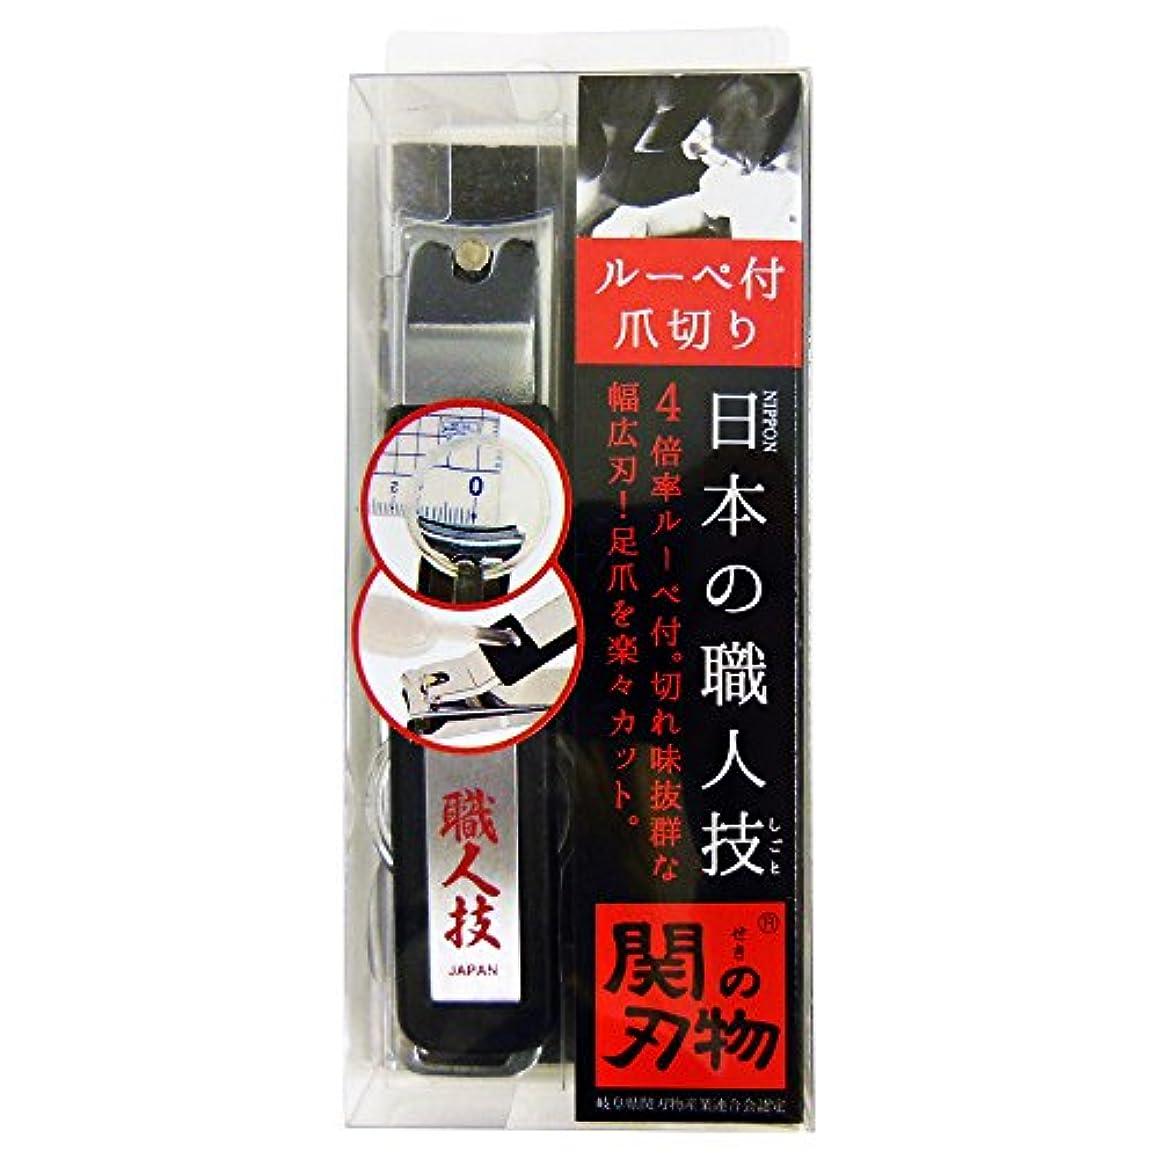 競合他社選手残りペースト関の刃物 ルーペ付爪切り SK-07 (1個入)